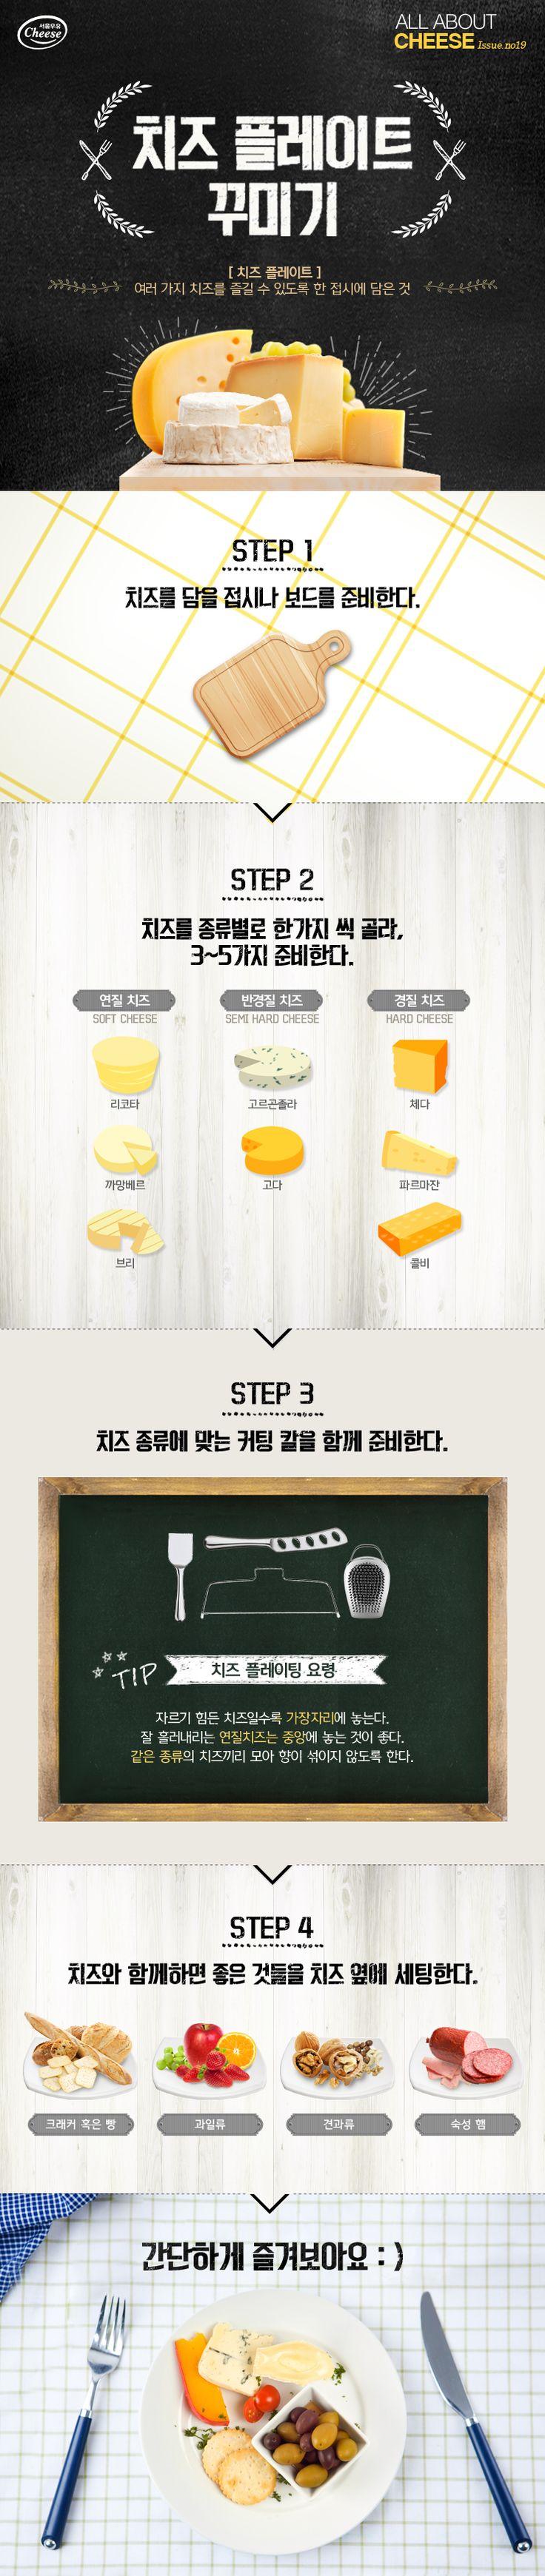 앞서 소개해드렸던 치즈 커팅 방법에 이어 올어바웃치즈, 이번 시간엔 치즈 플레이팅에 대해 알아볼까요? 플레이팅은 음식을 보기 좋게 하는 것도 있지만 더 풍미 있게 먹기 위해서라도 중요하답니다. 잘 놓인 치즈 하나, 열 치즈 안 부럽다고요~